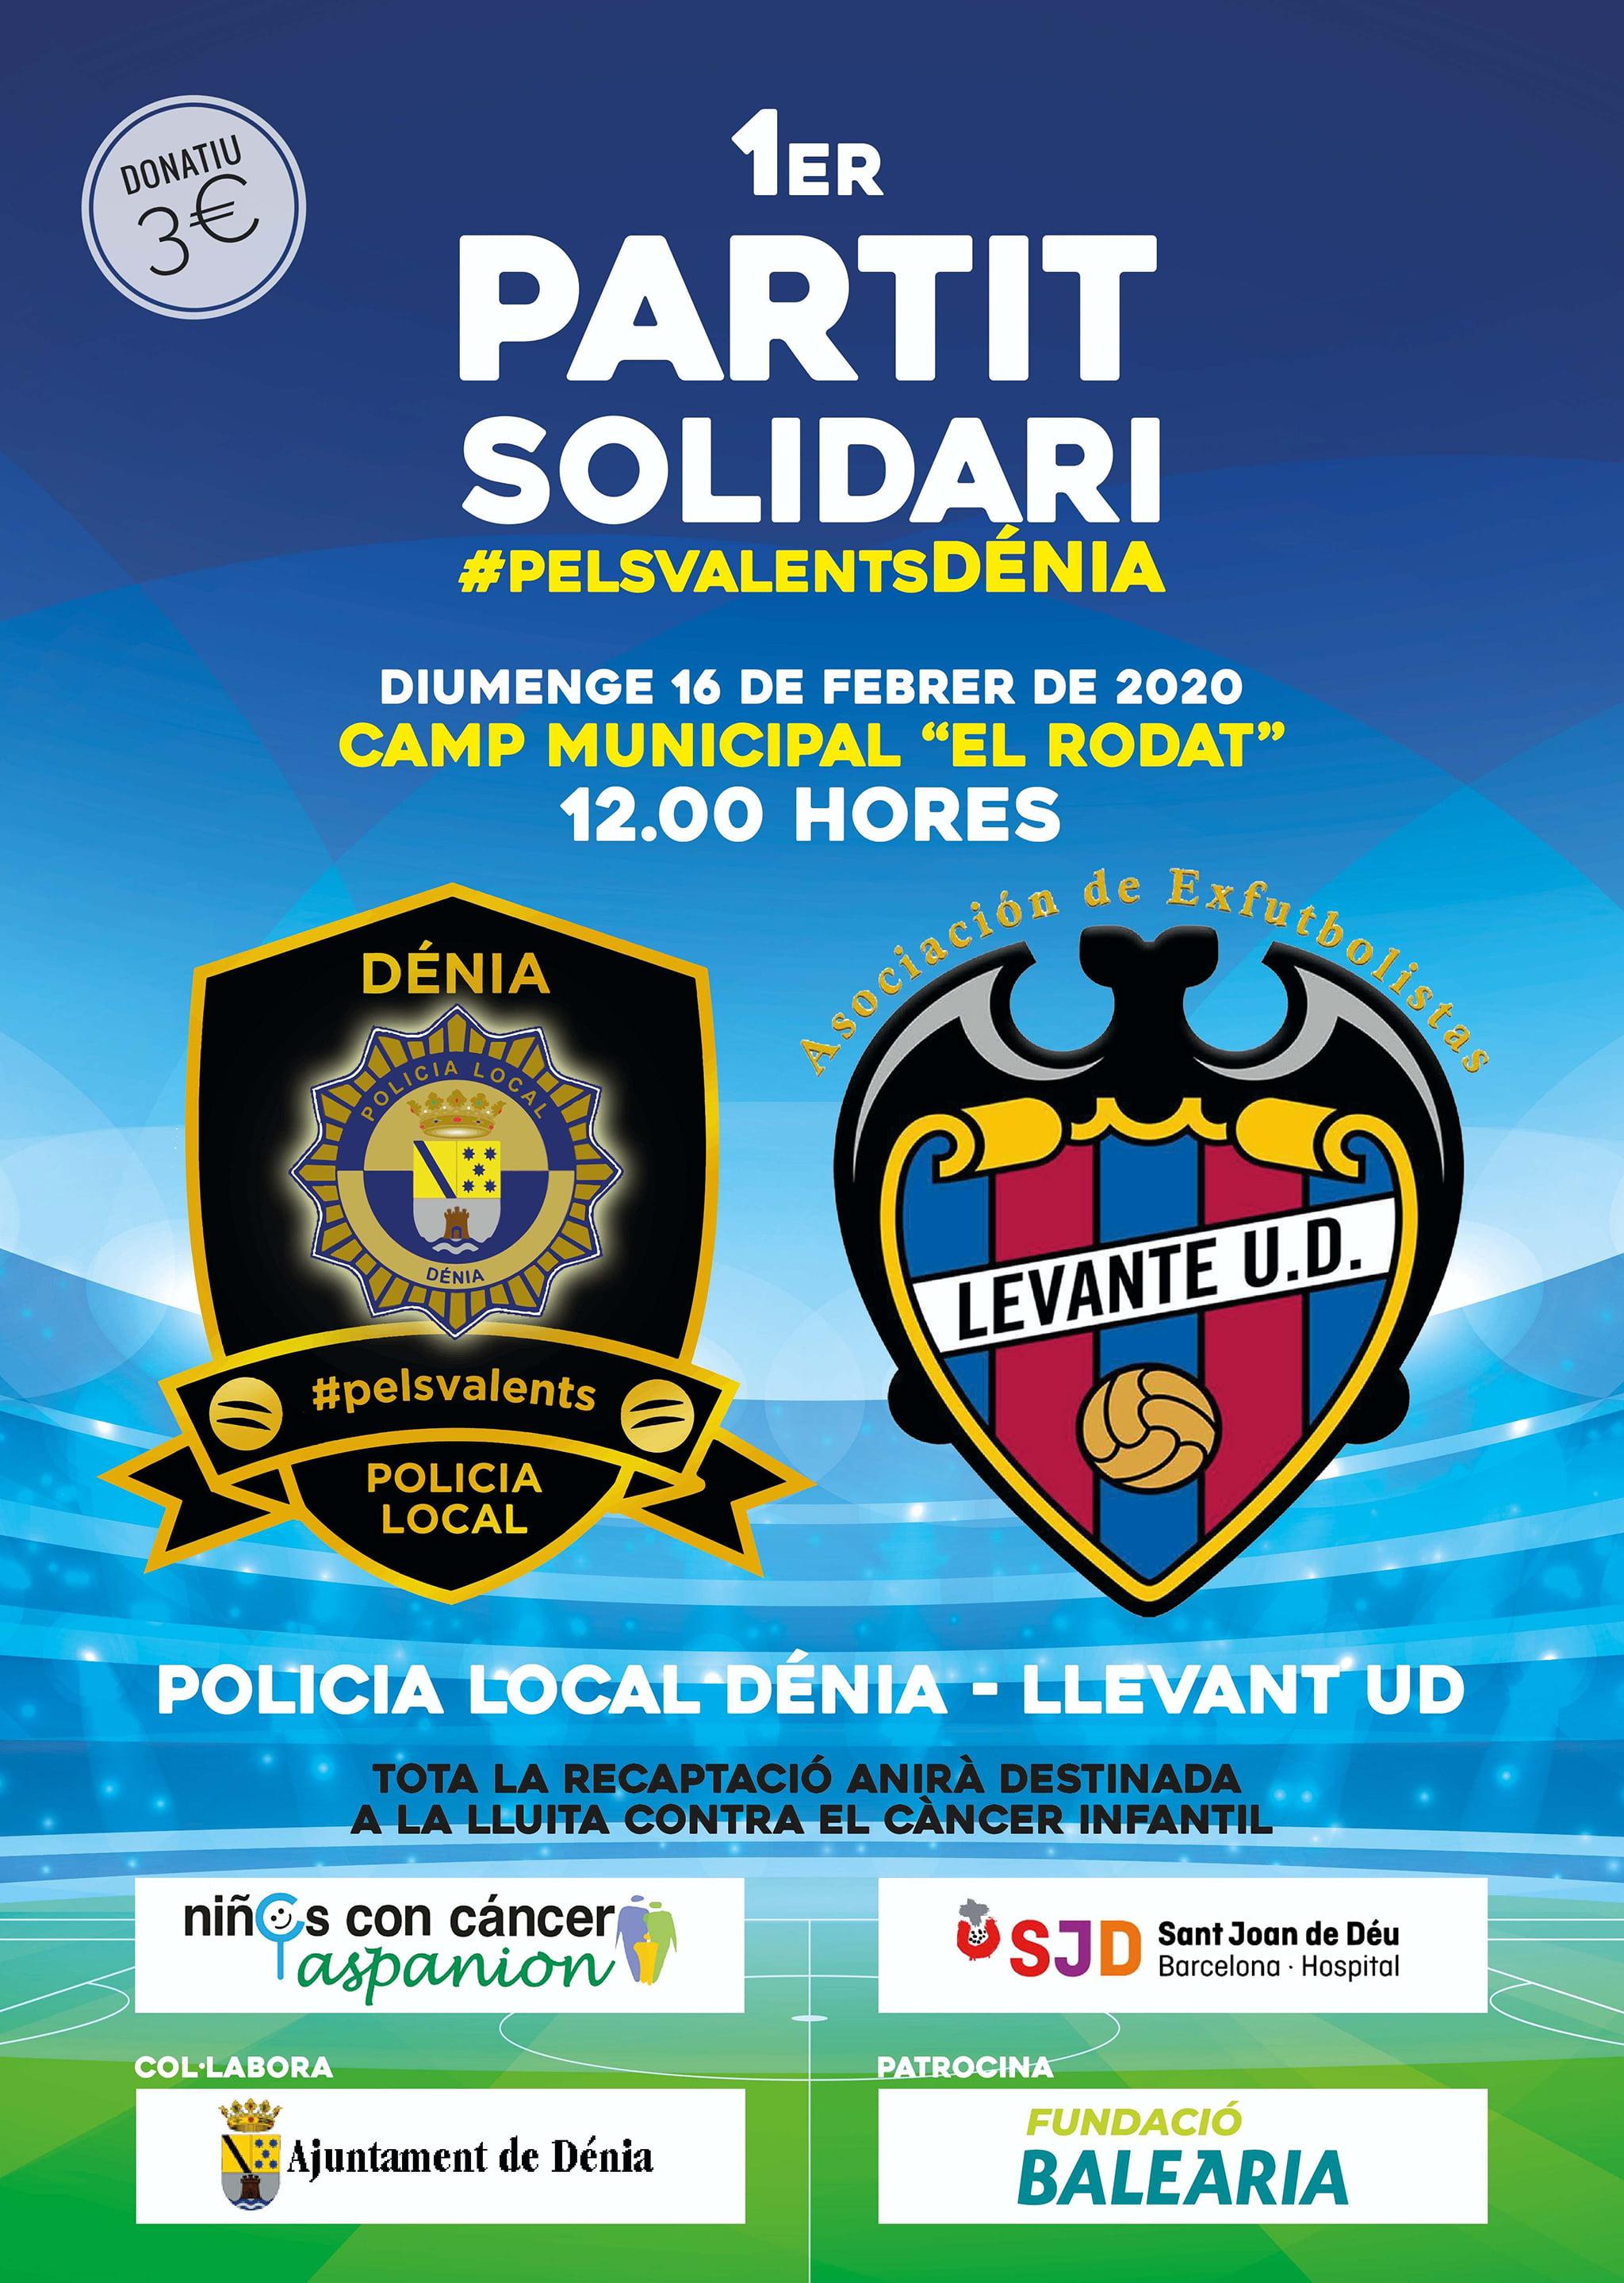 Плакат партии солидарности